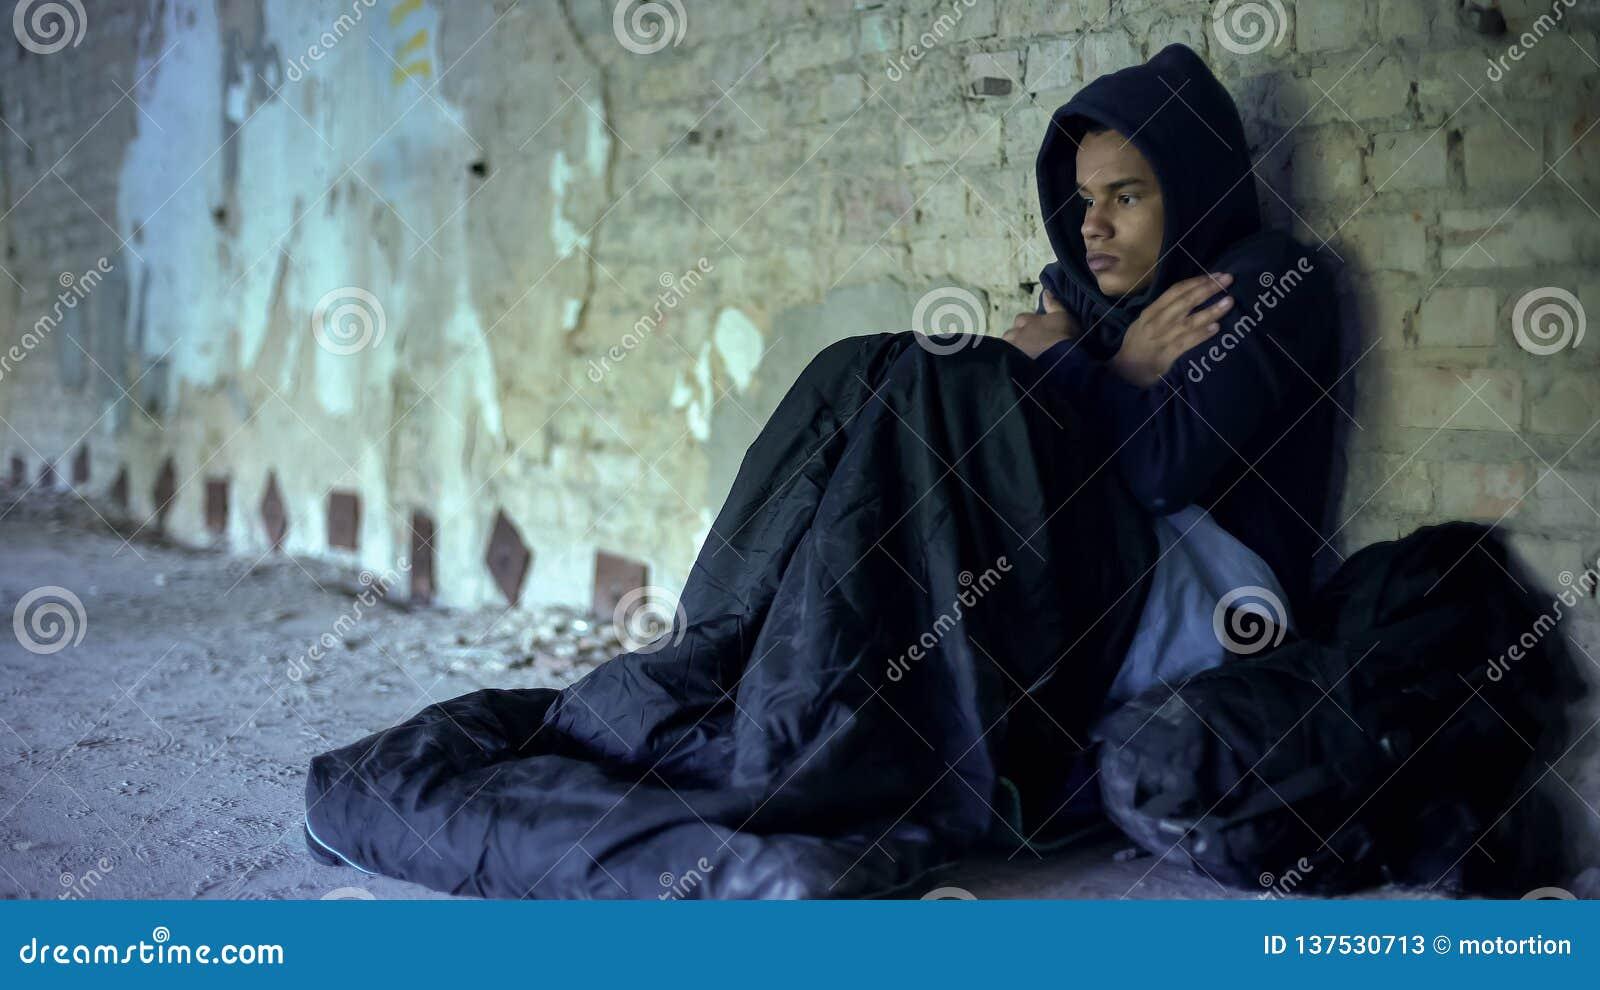 Sudadera con capucha que lleva del adolescente trastornado de los desamparados, sintiendo fría, indiferencia y pobreza